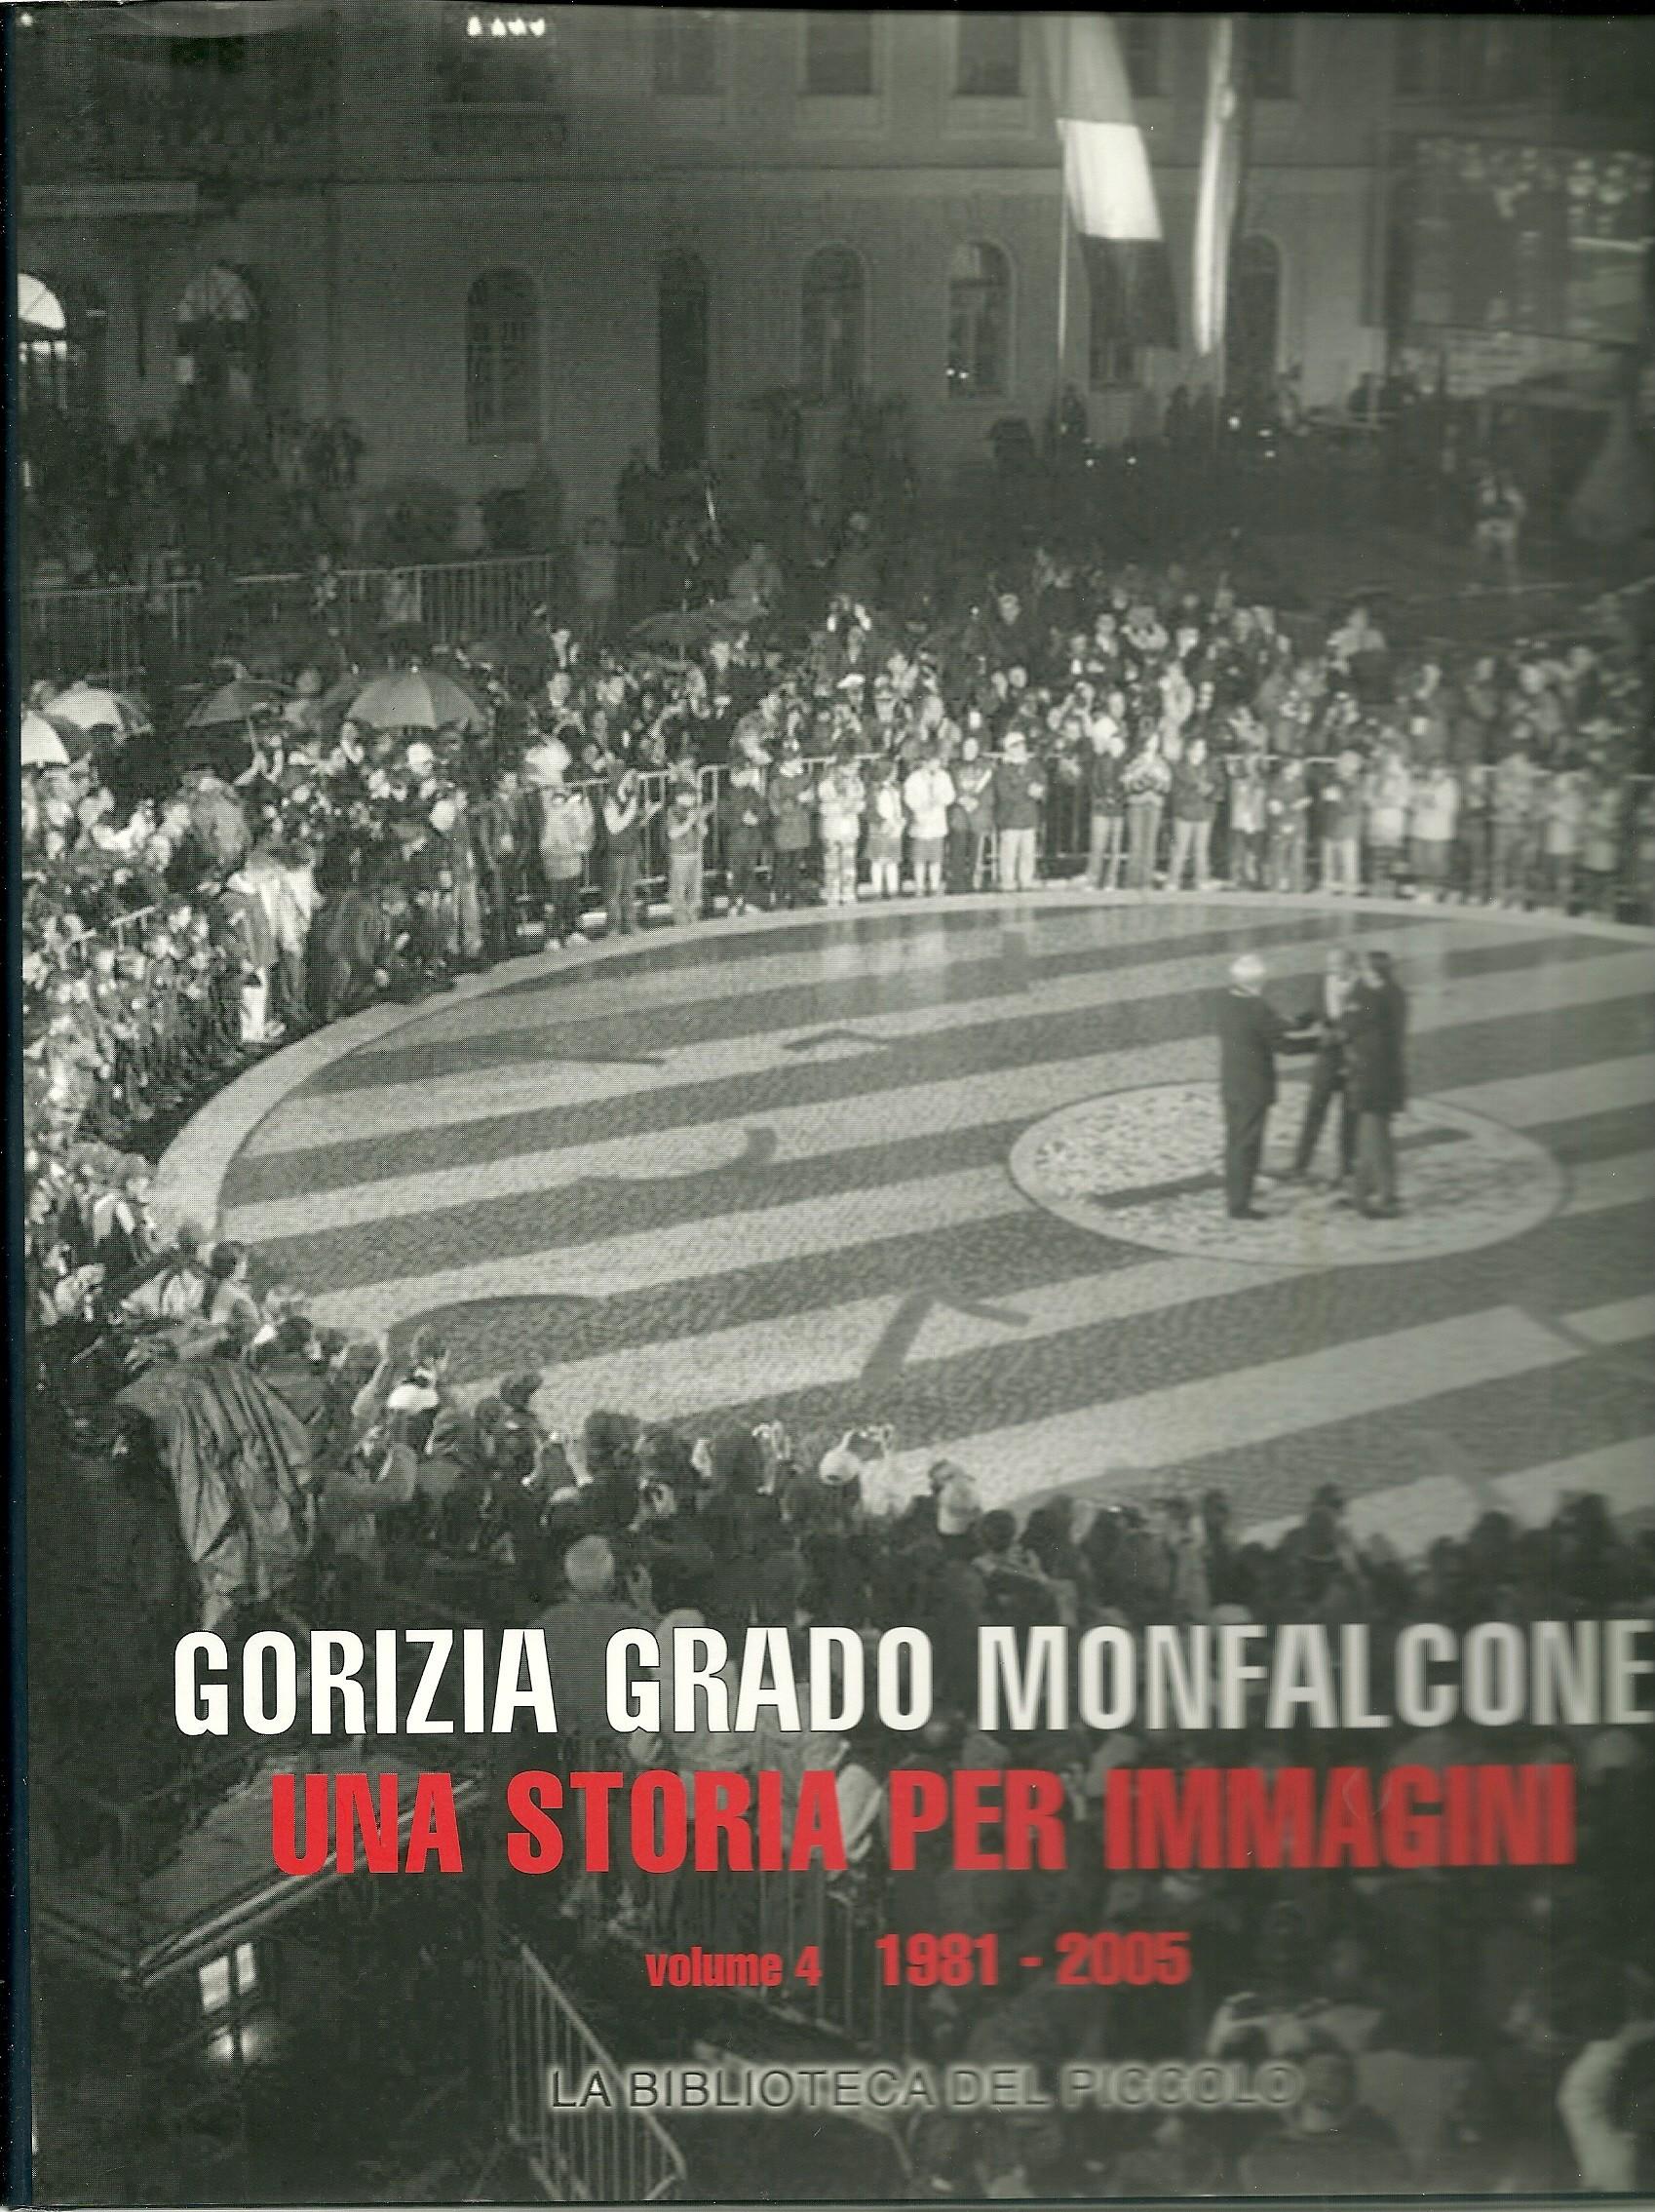 Gorizia, Grado, Monfalcone: una storia per immagini - Vol. 4